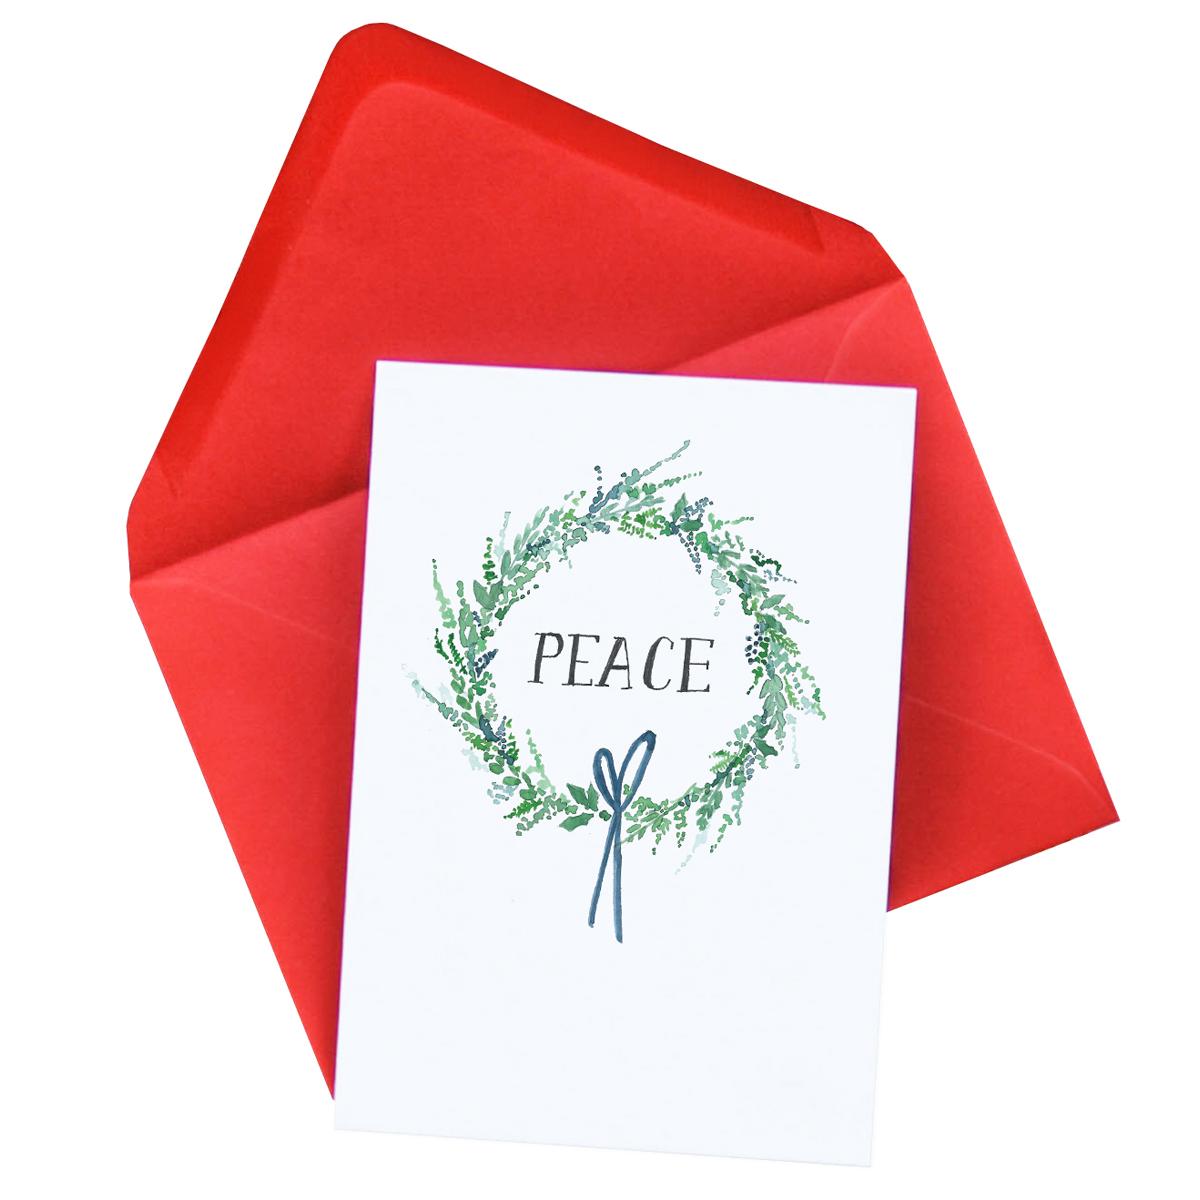 Peace Christmas Card  £2.50